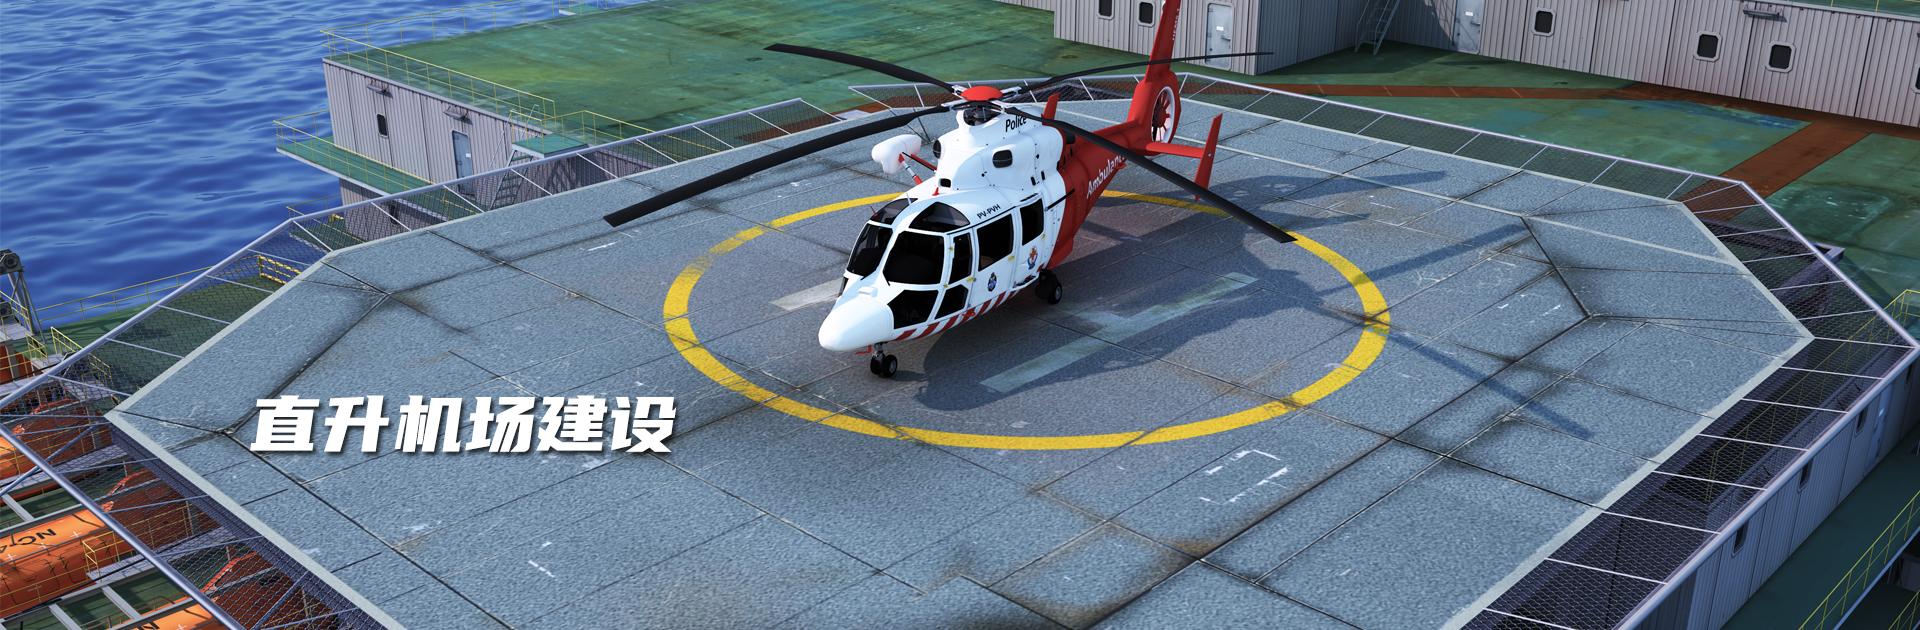 屋顶直升机停机坪